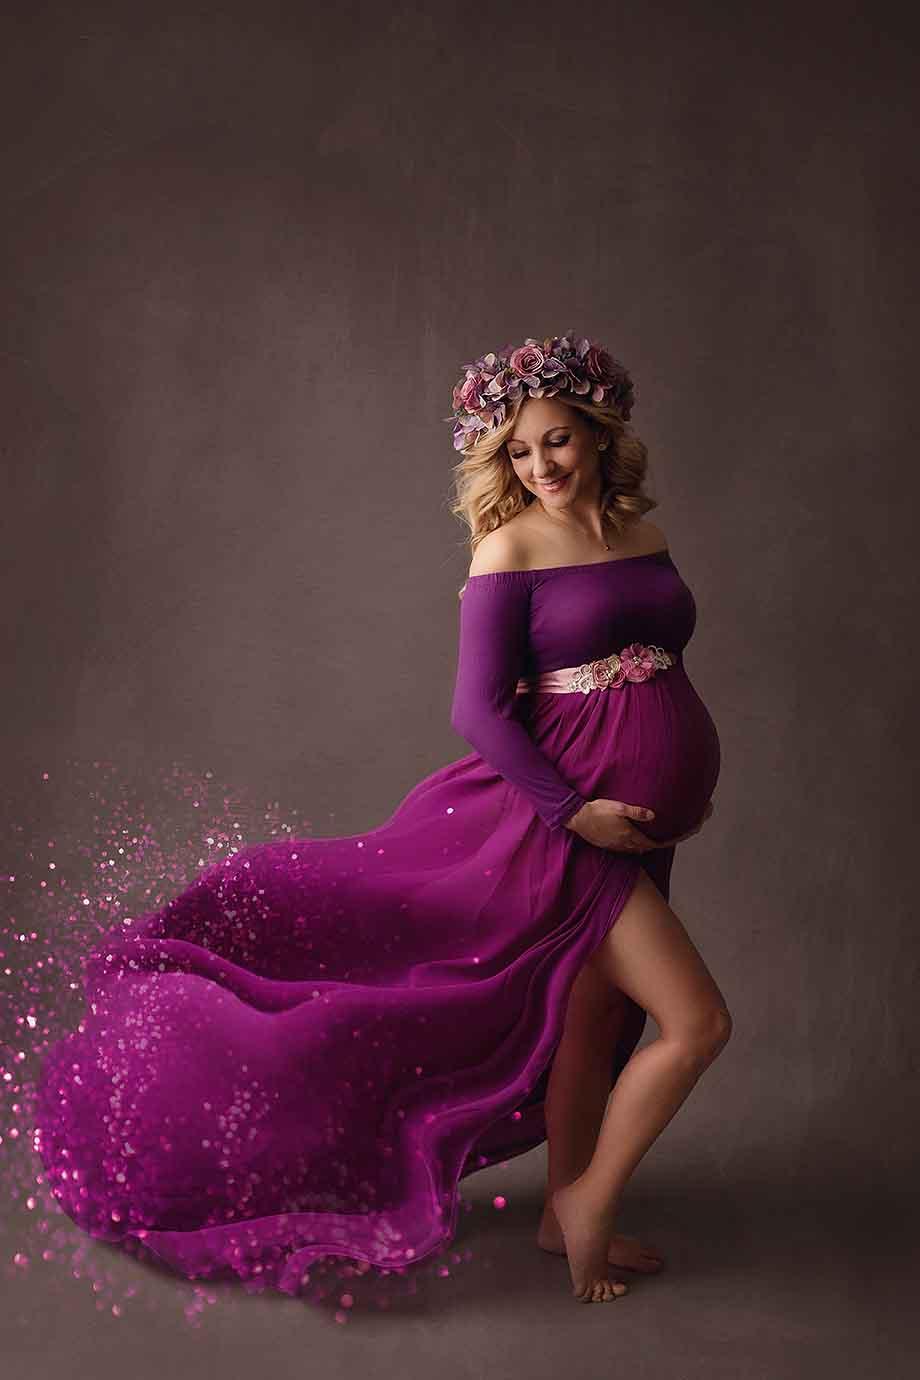 eklusive-schwangerschaft-fotografie-nidda-glitzer-kleider-besondere-babybauch-giessen-frankfurt